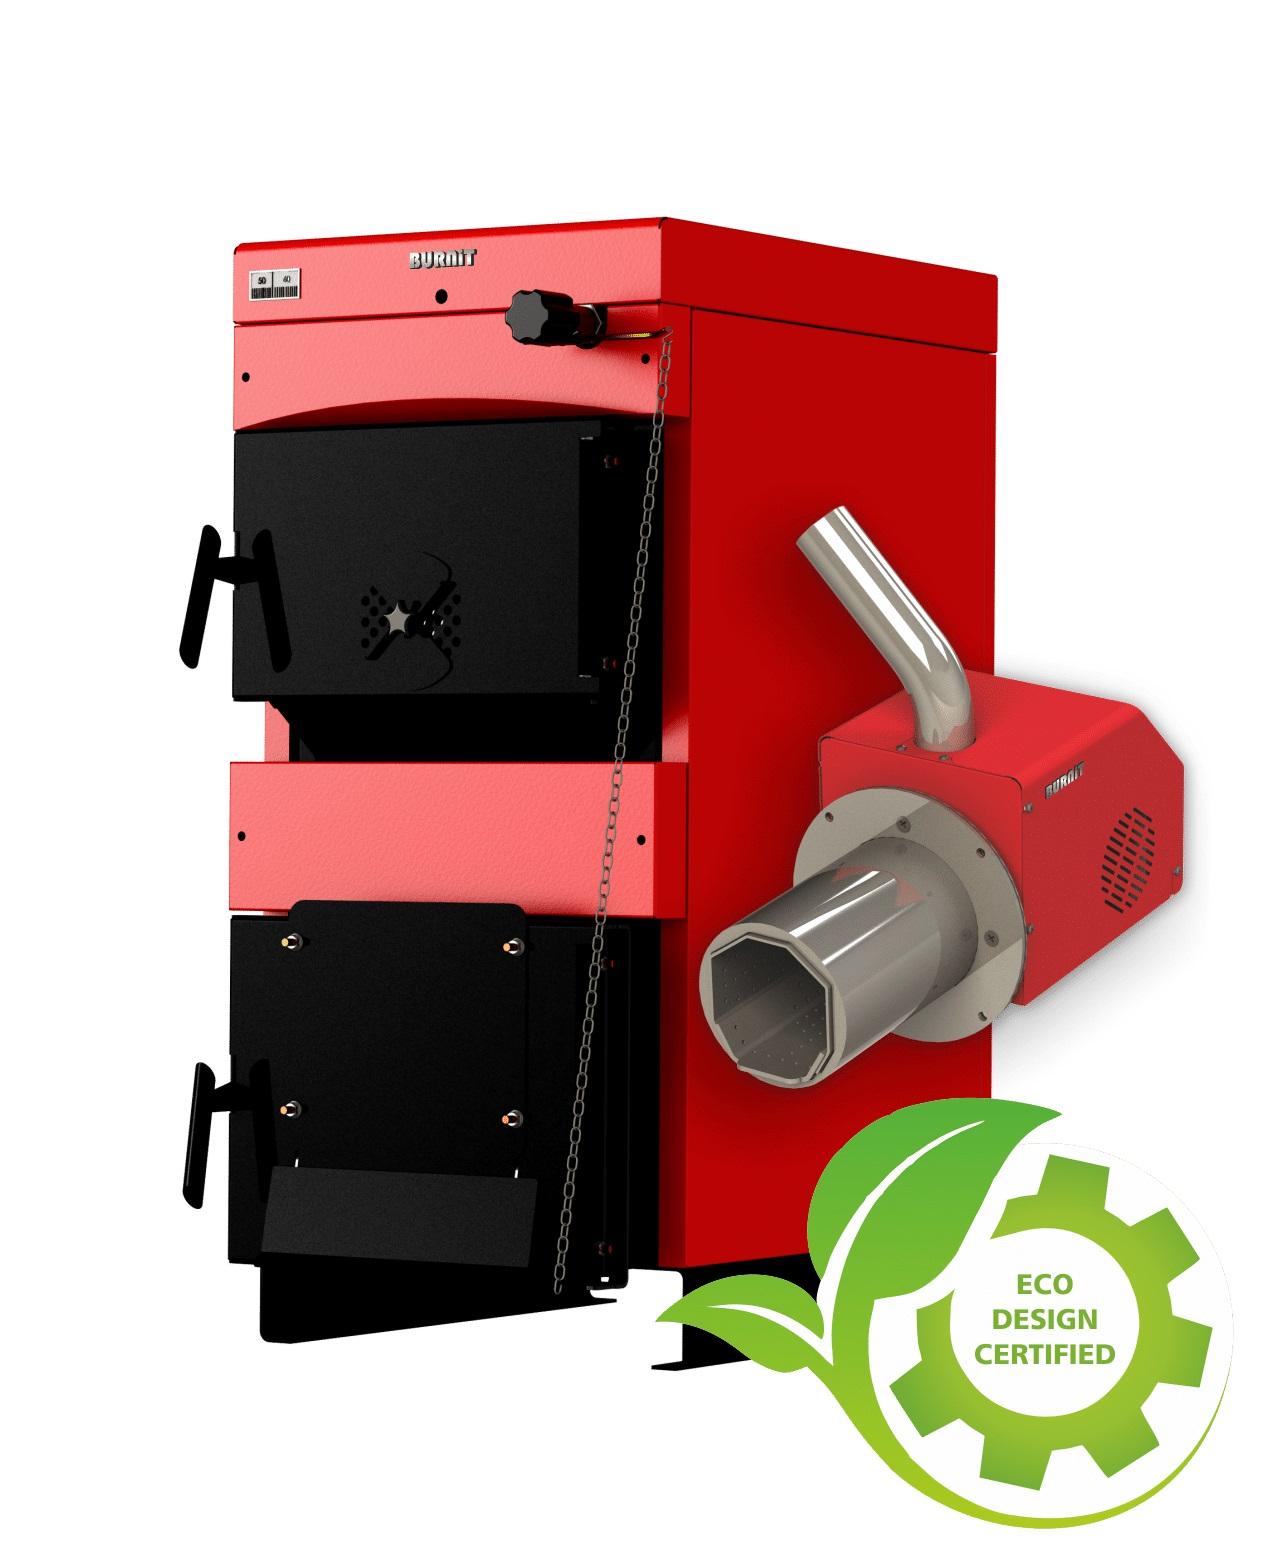 Centrala mixta lemn si peleti Burnit WBS 40 kW si Arzator pe peleti Pell Eco 35 kW imagine fornello.ro